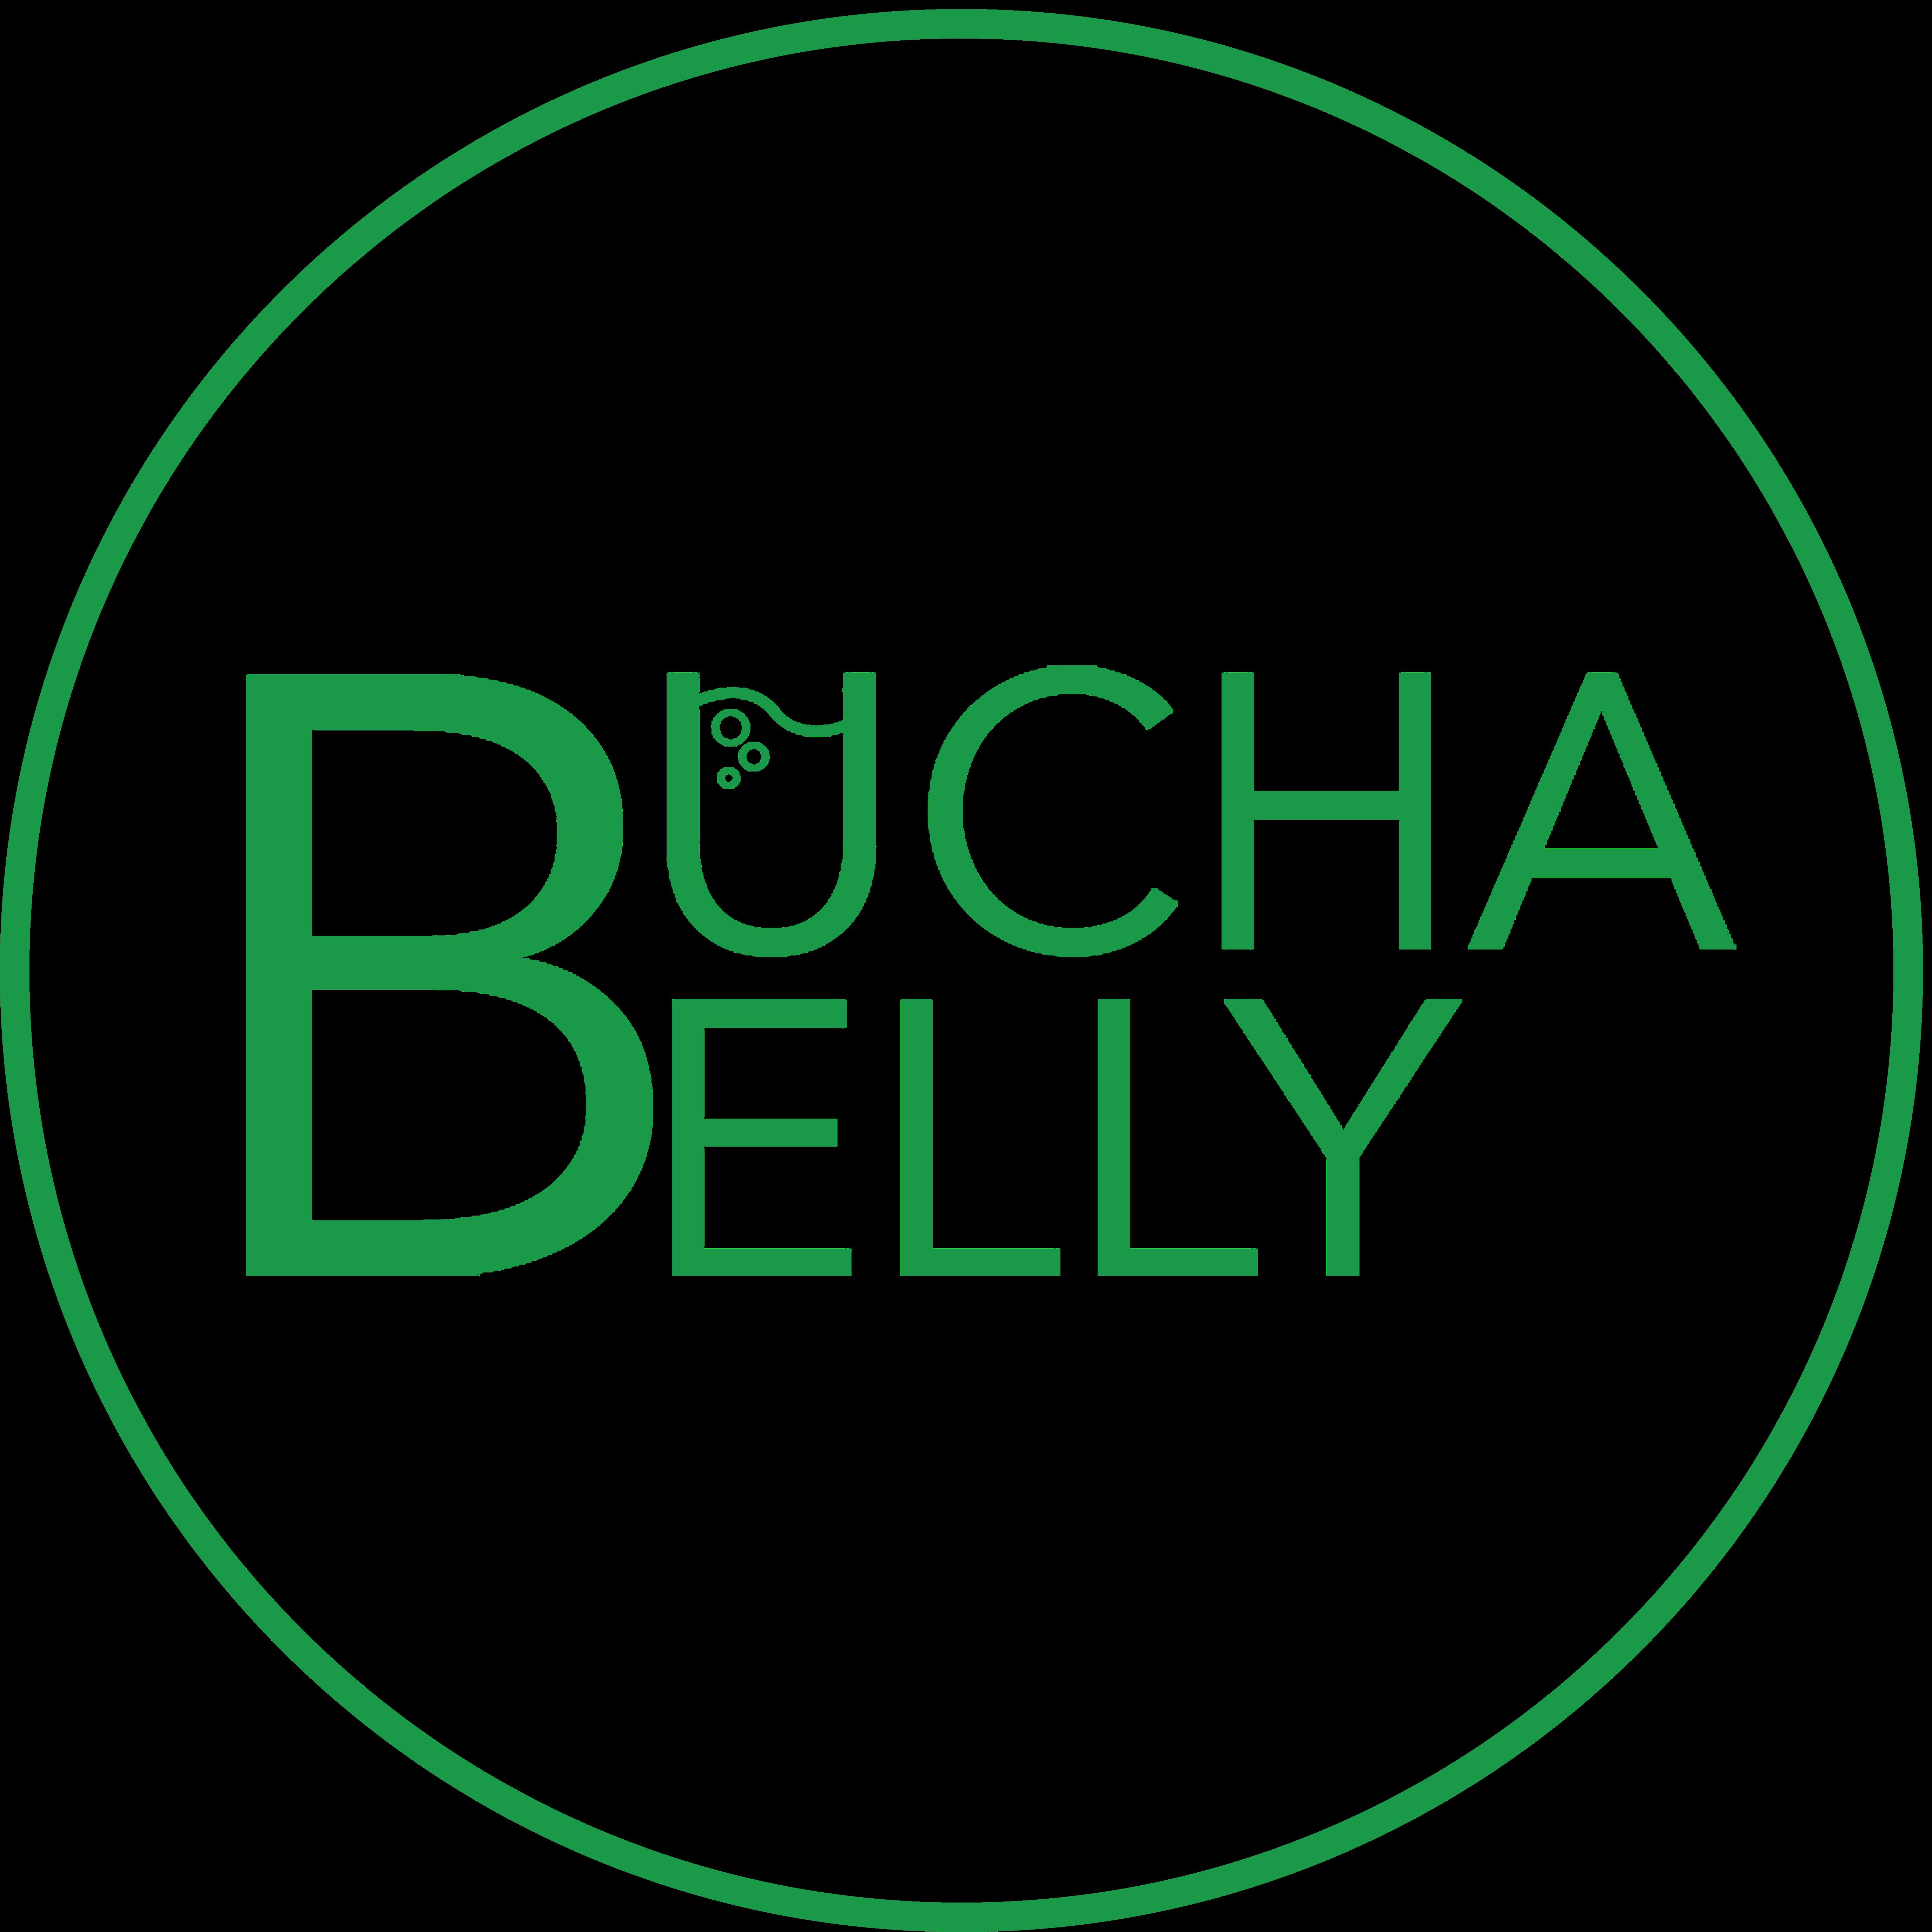 Bucha Belly